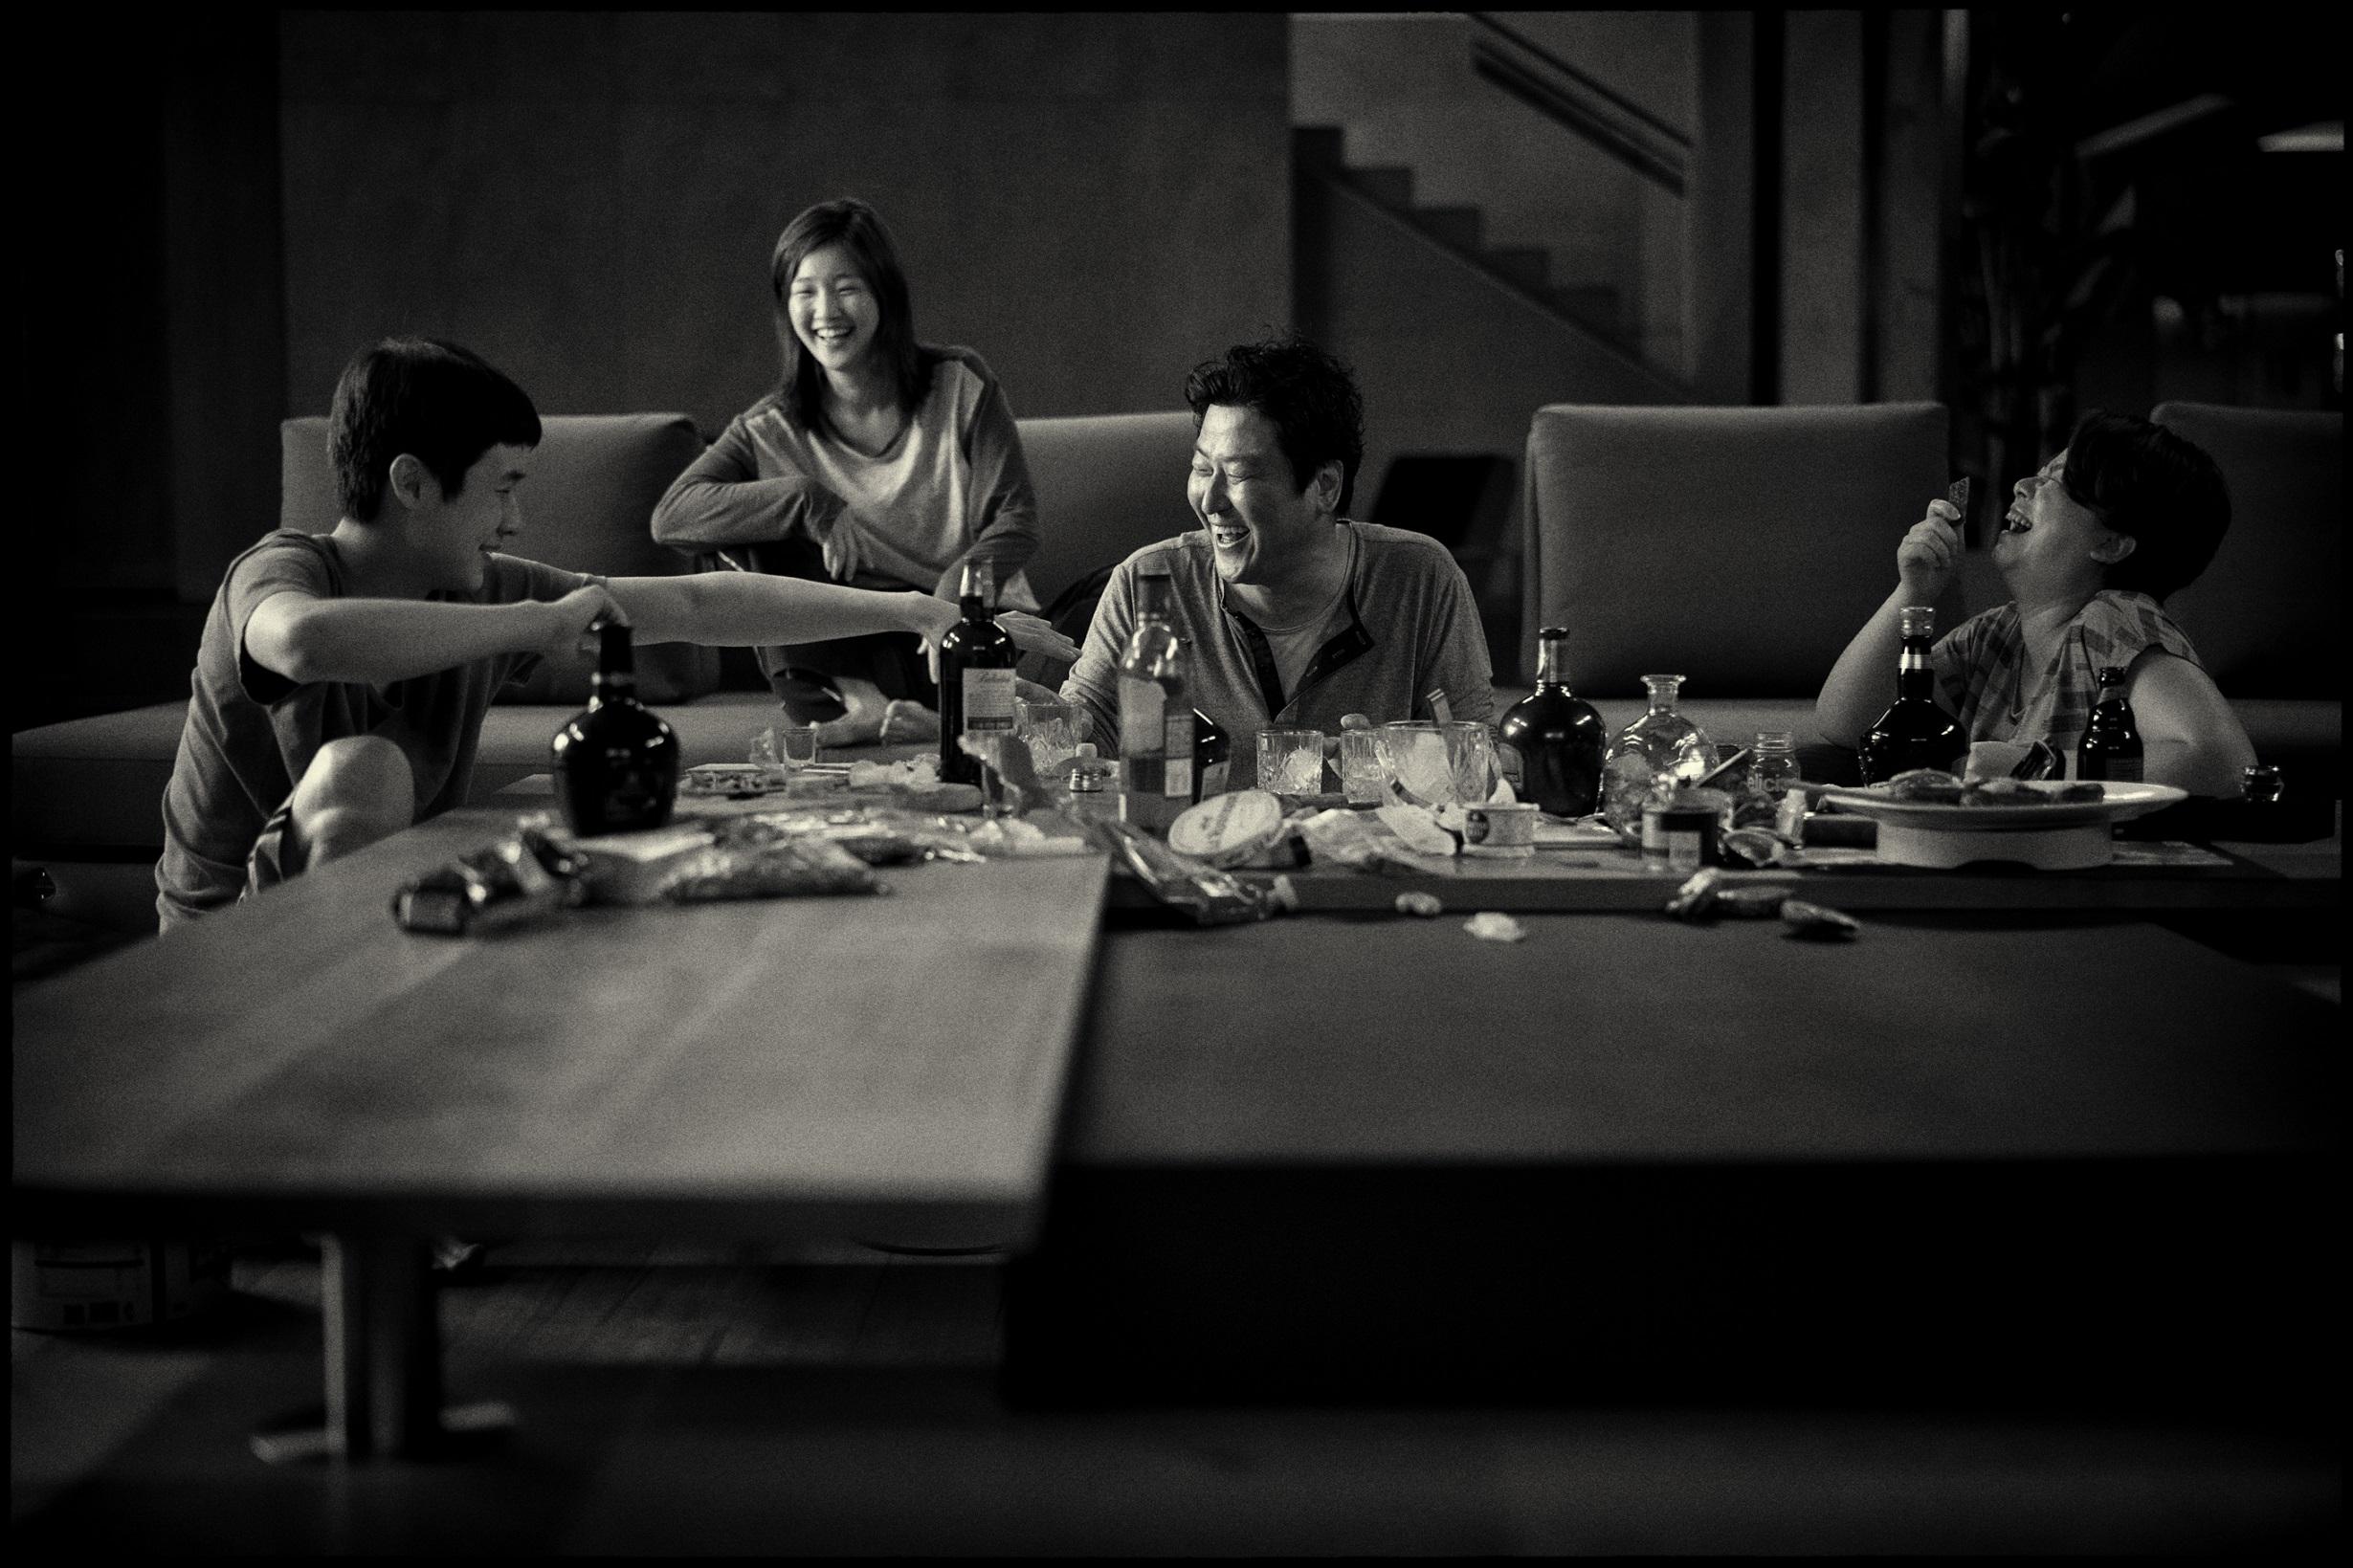 《寄生上流:黑白版》2月27日台灣限定上映